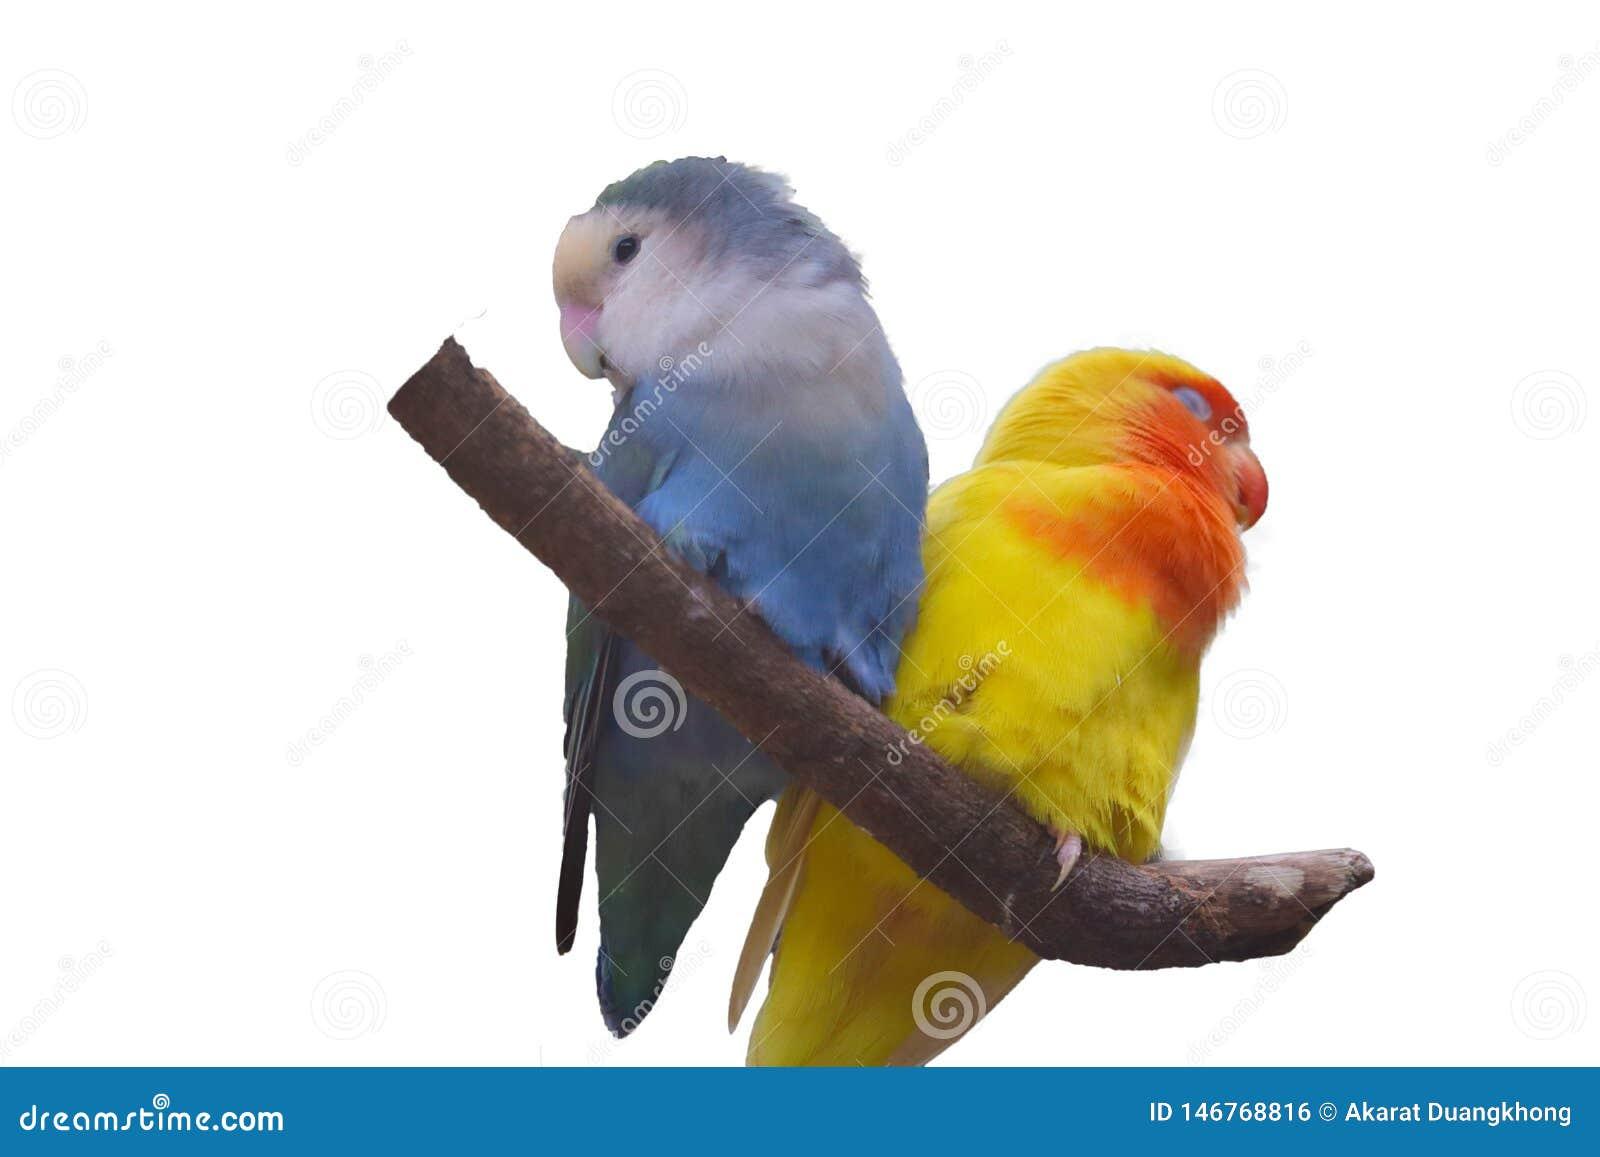 Lovebird getrennt auf wei?em Hintergrund